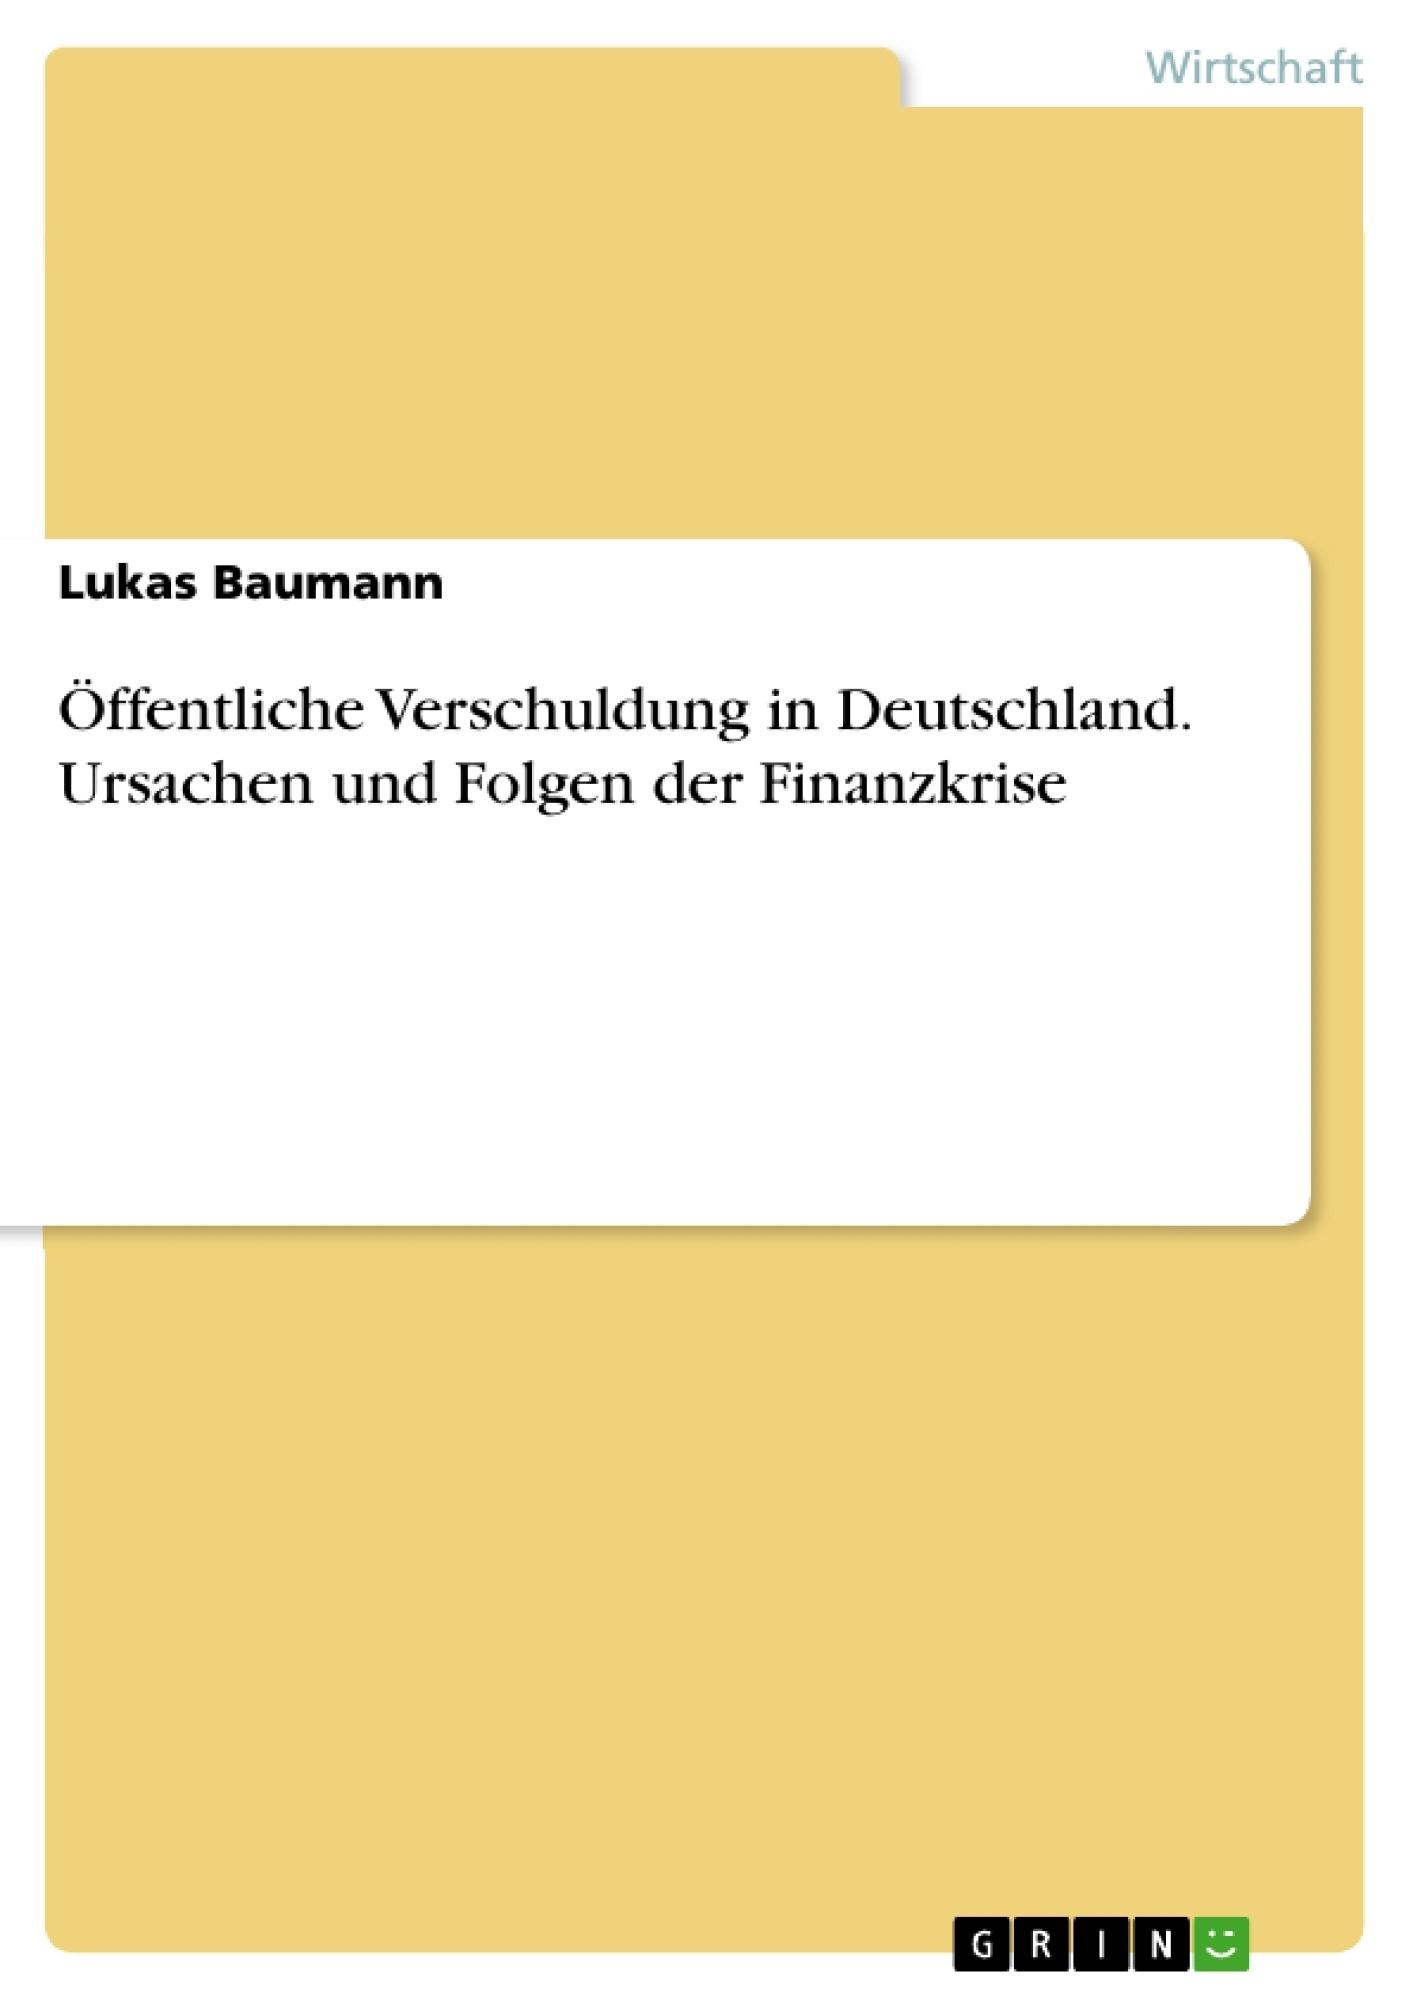 Titel: Öffentliche Verschuldung in Deutschland. Ursachen und Folgen der Finanzkrise